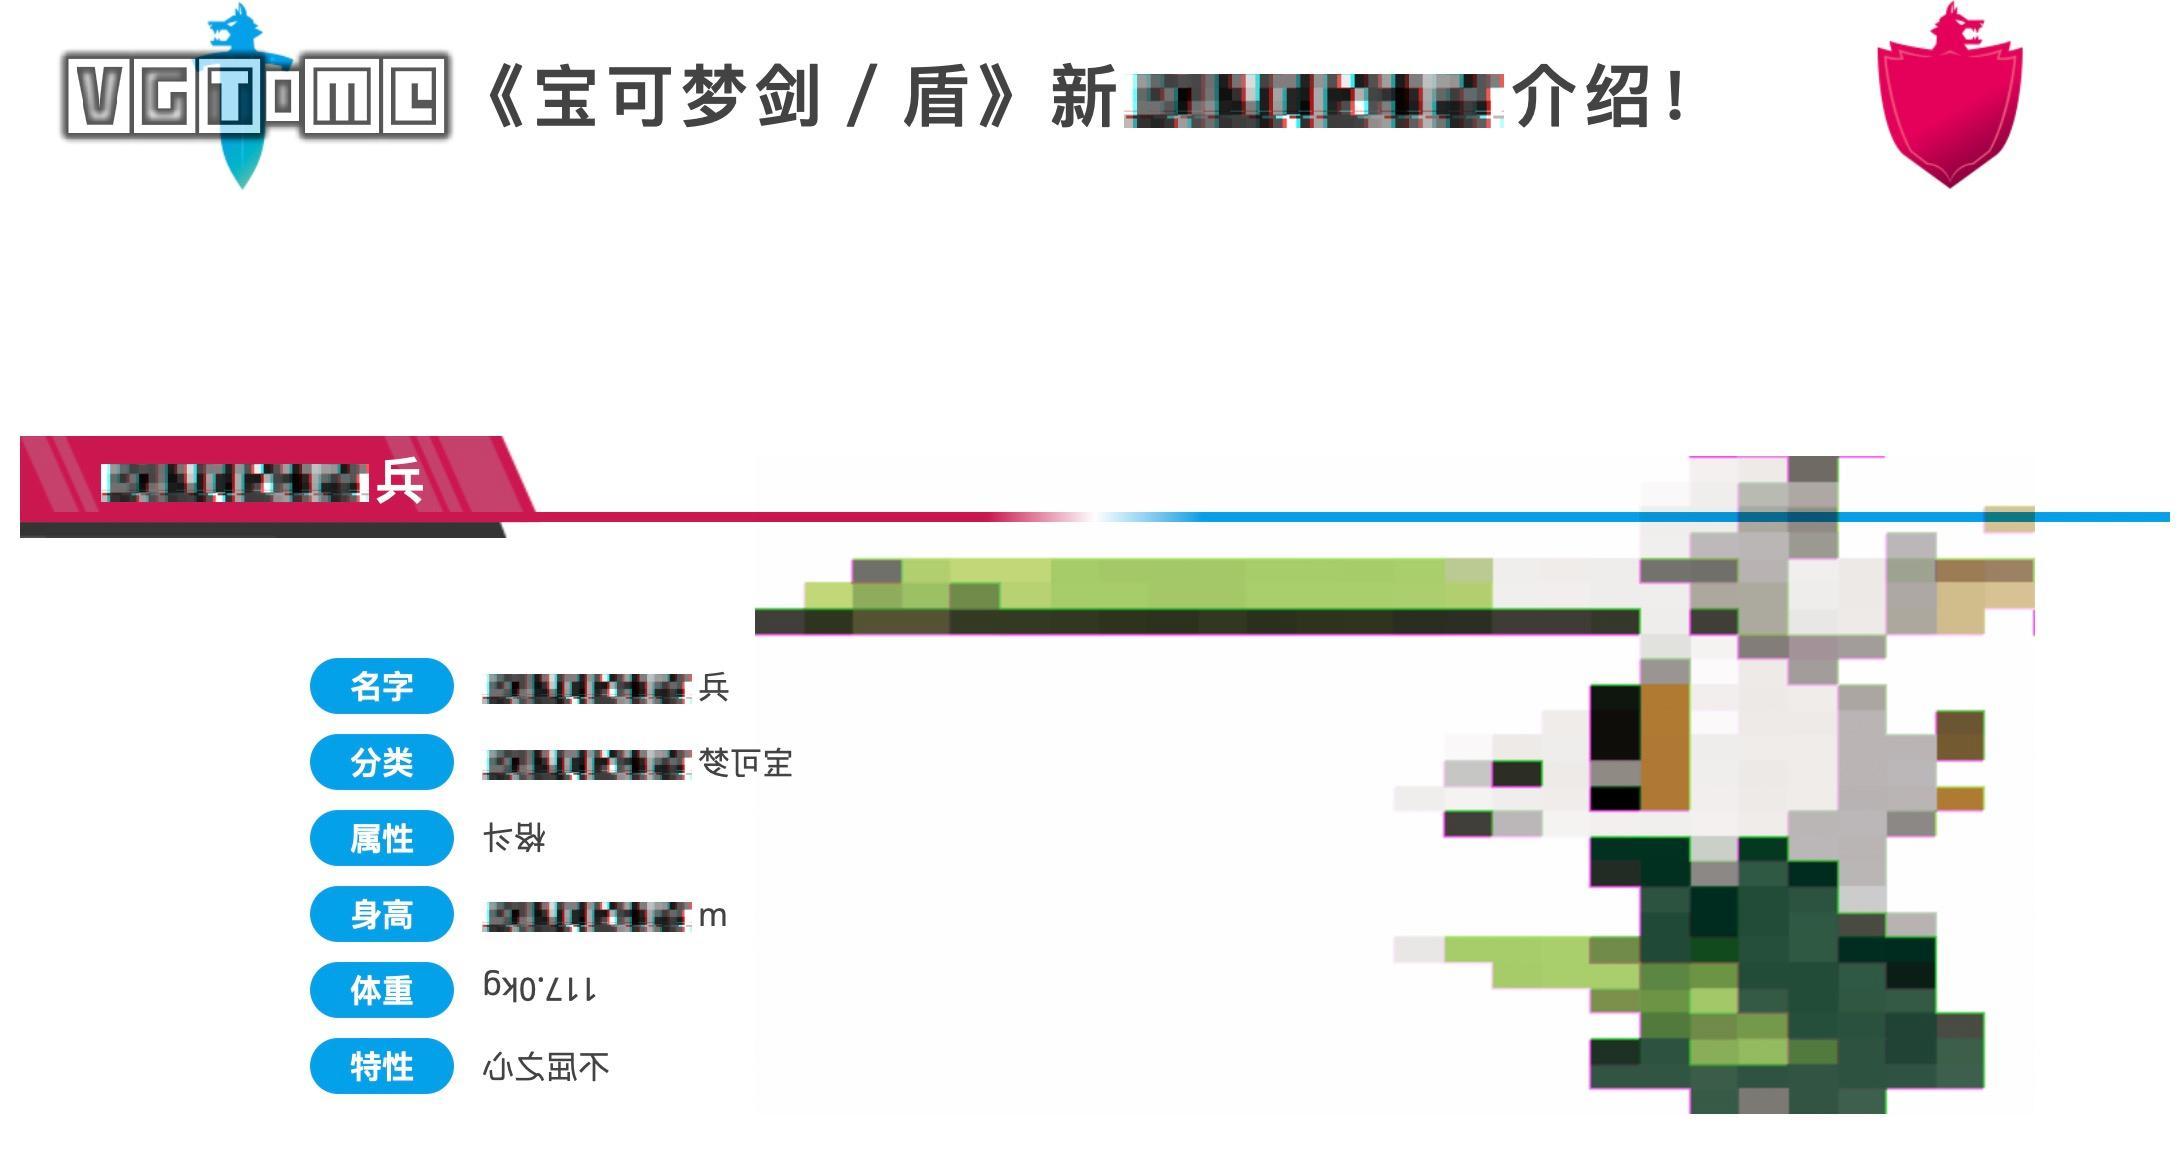 《宝可梦 剑/盾》官网公布神秘「打码」宝可梦